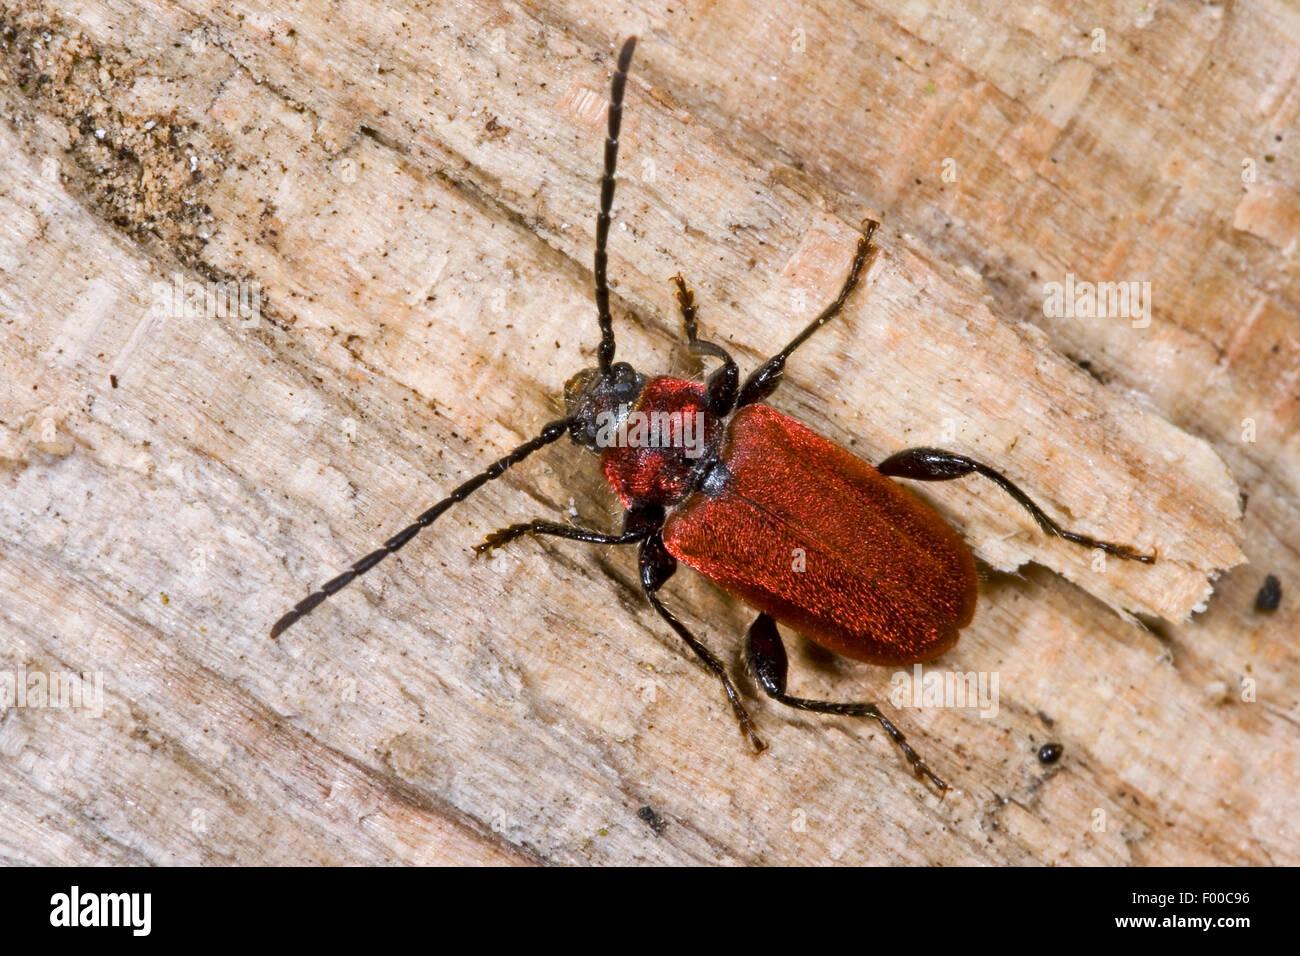 Scarlet-coated longhorn beetle, Welsh oak longhorn beetle (Pyrrhidium sanguineum), on wood, Germany - Stock Image